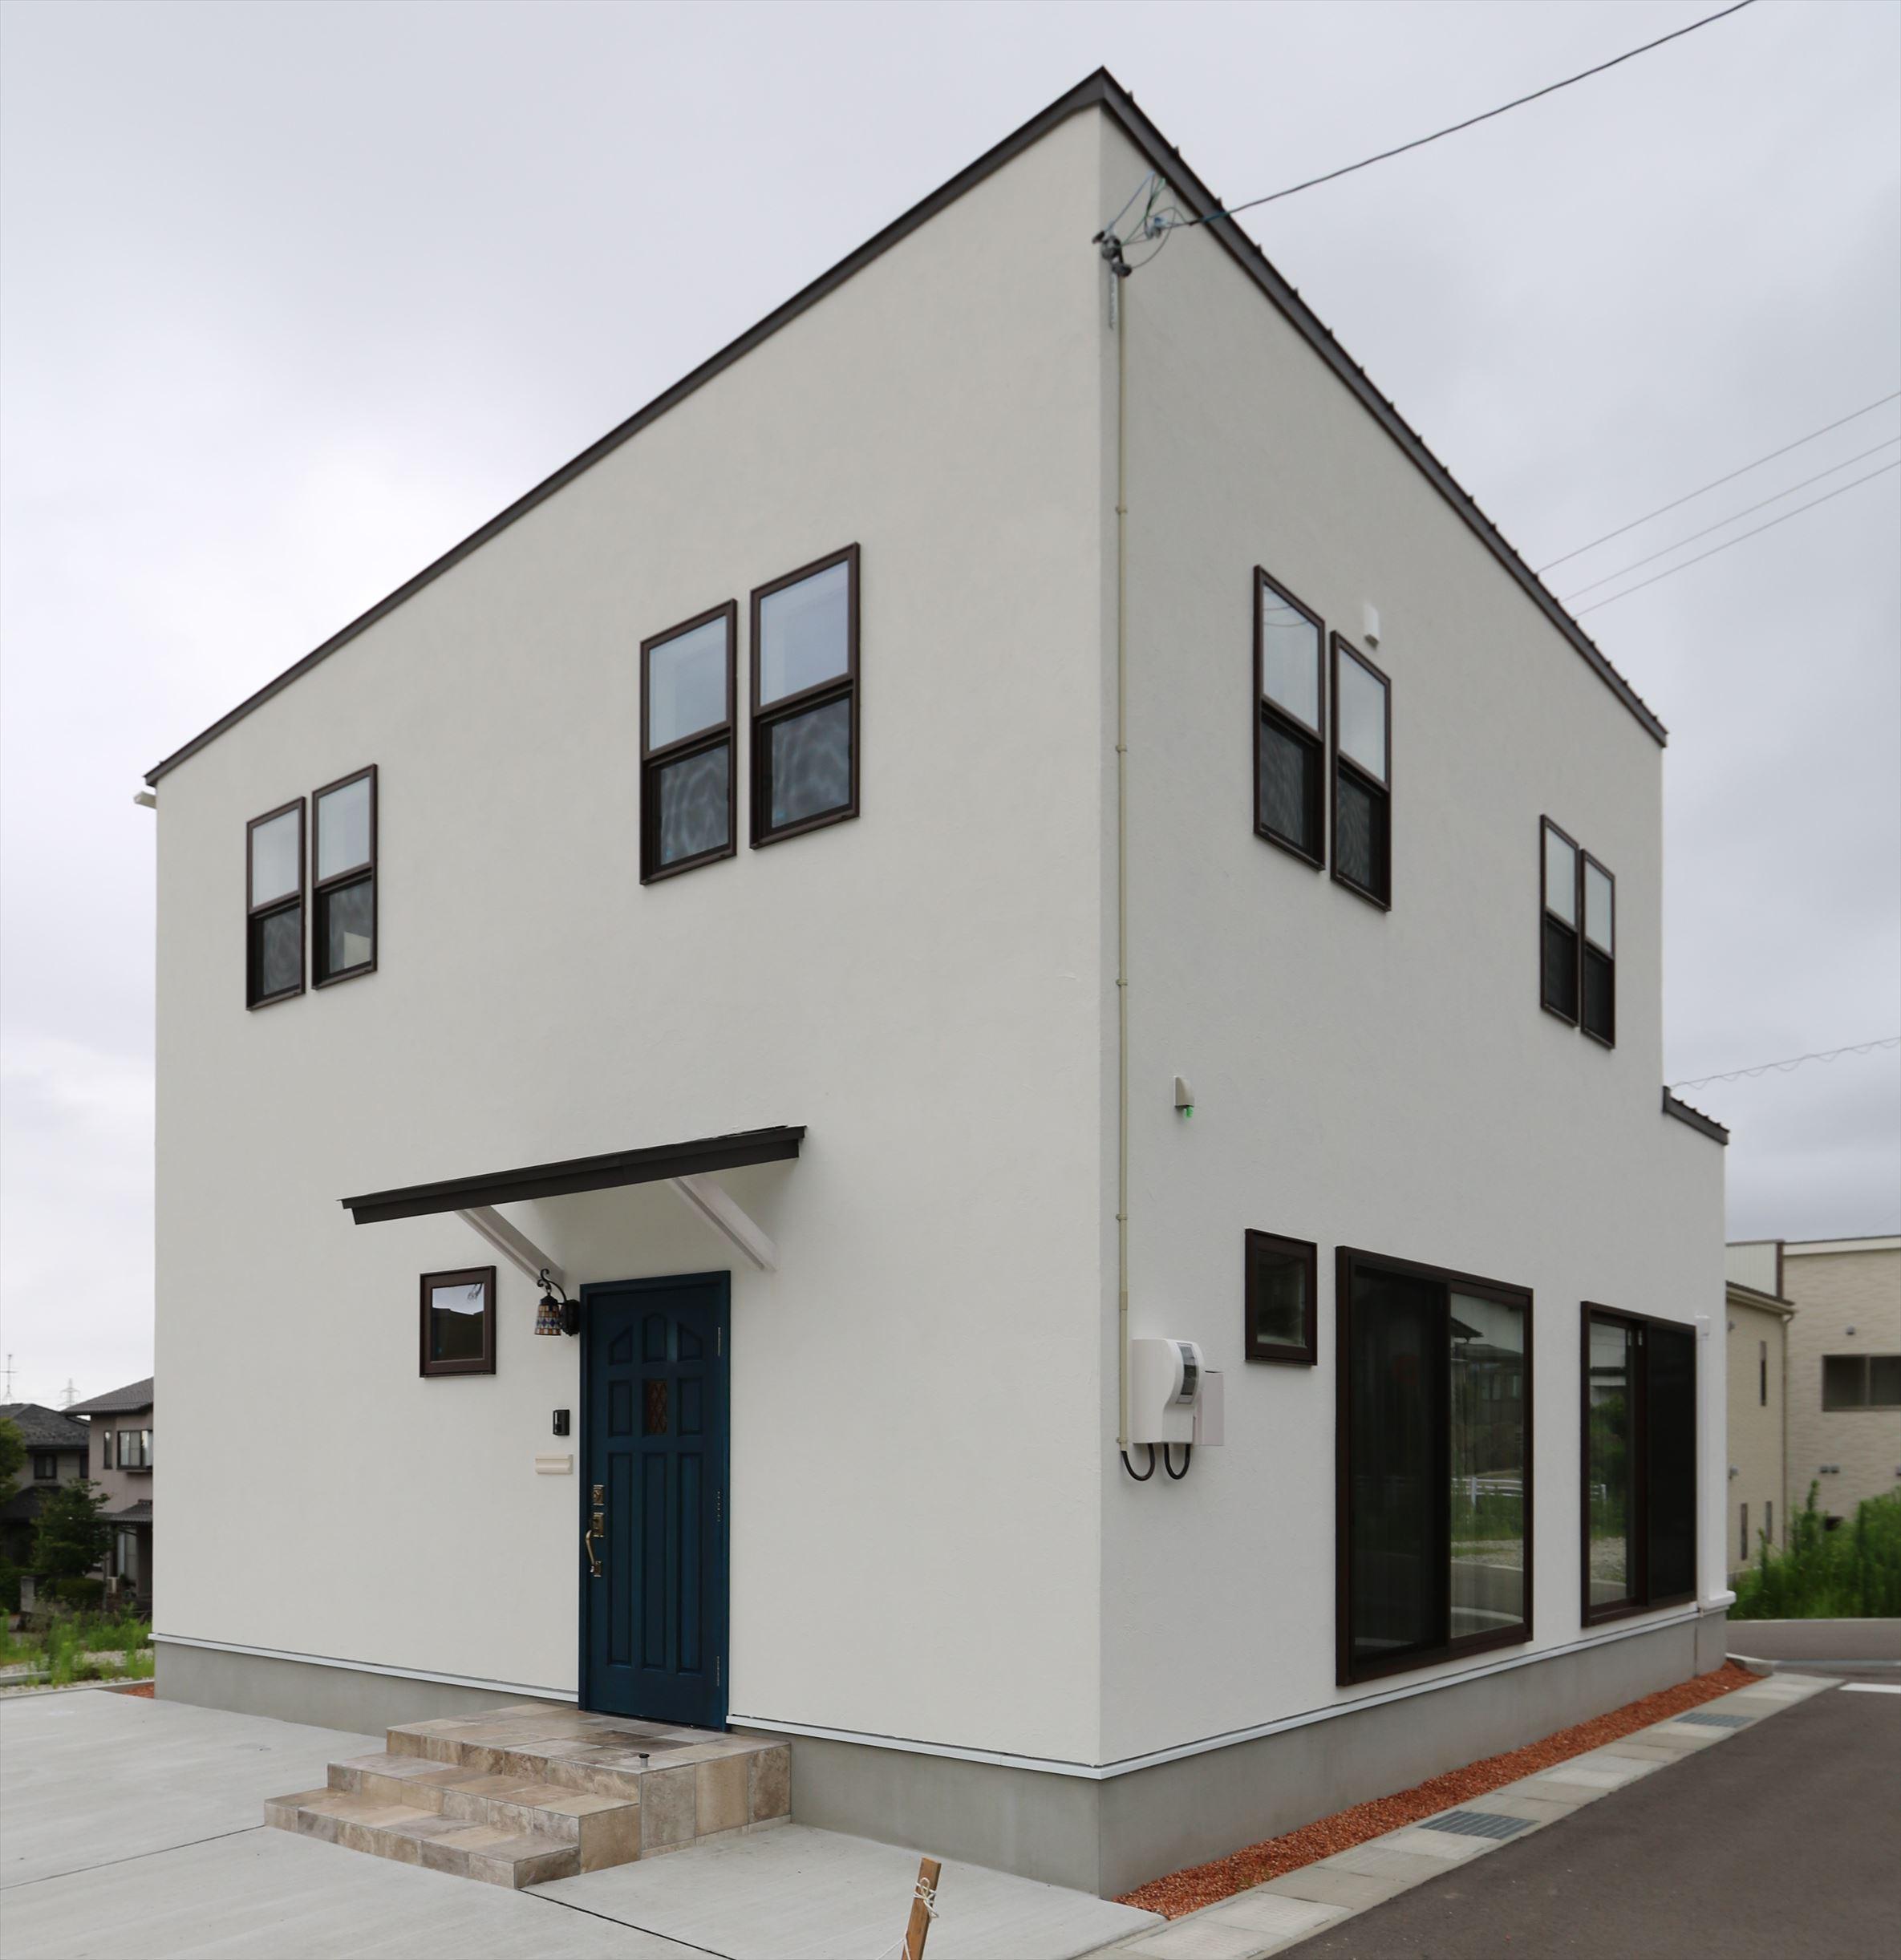 新しいStyleのフレンチできました|石川県金沢市の注文住宅・デザイン性・新築の家・戸建て|E-HOUSE